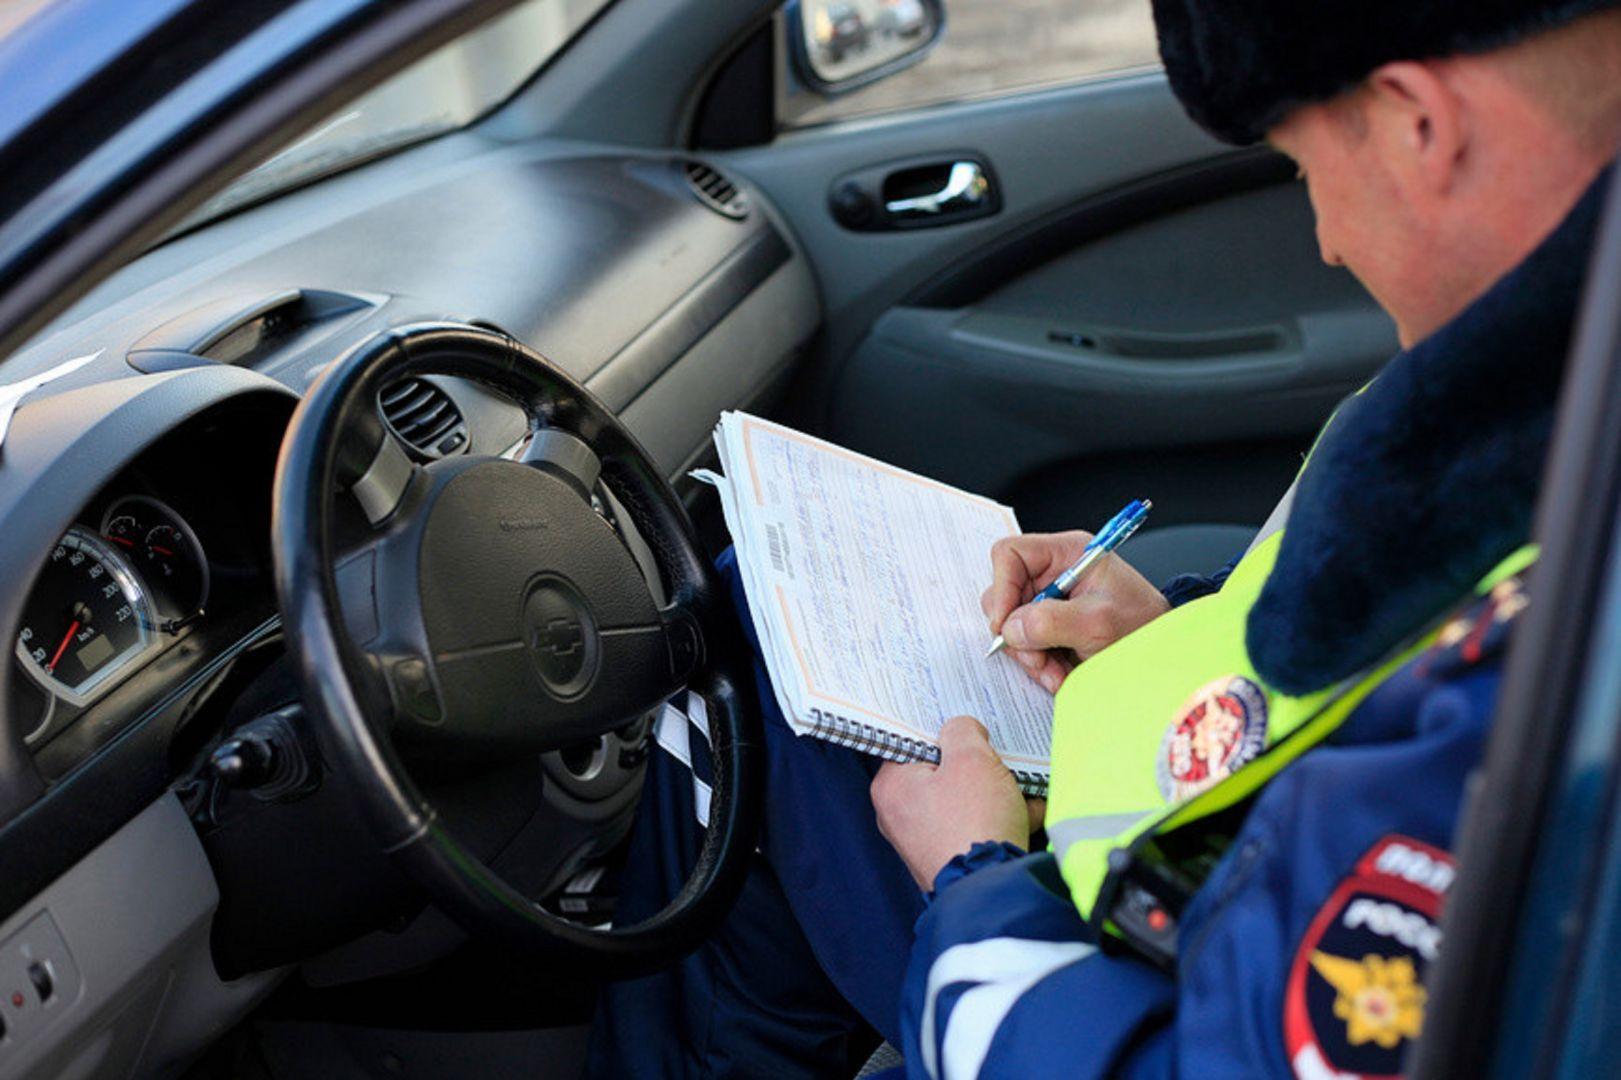 Житель Ставрополя подозревается в угоне автомобиля